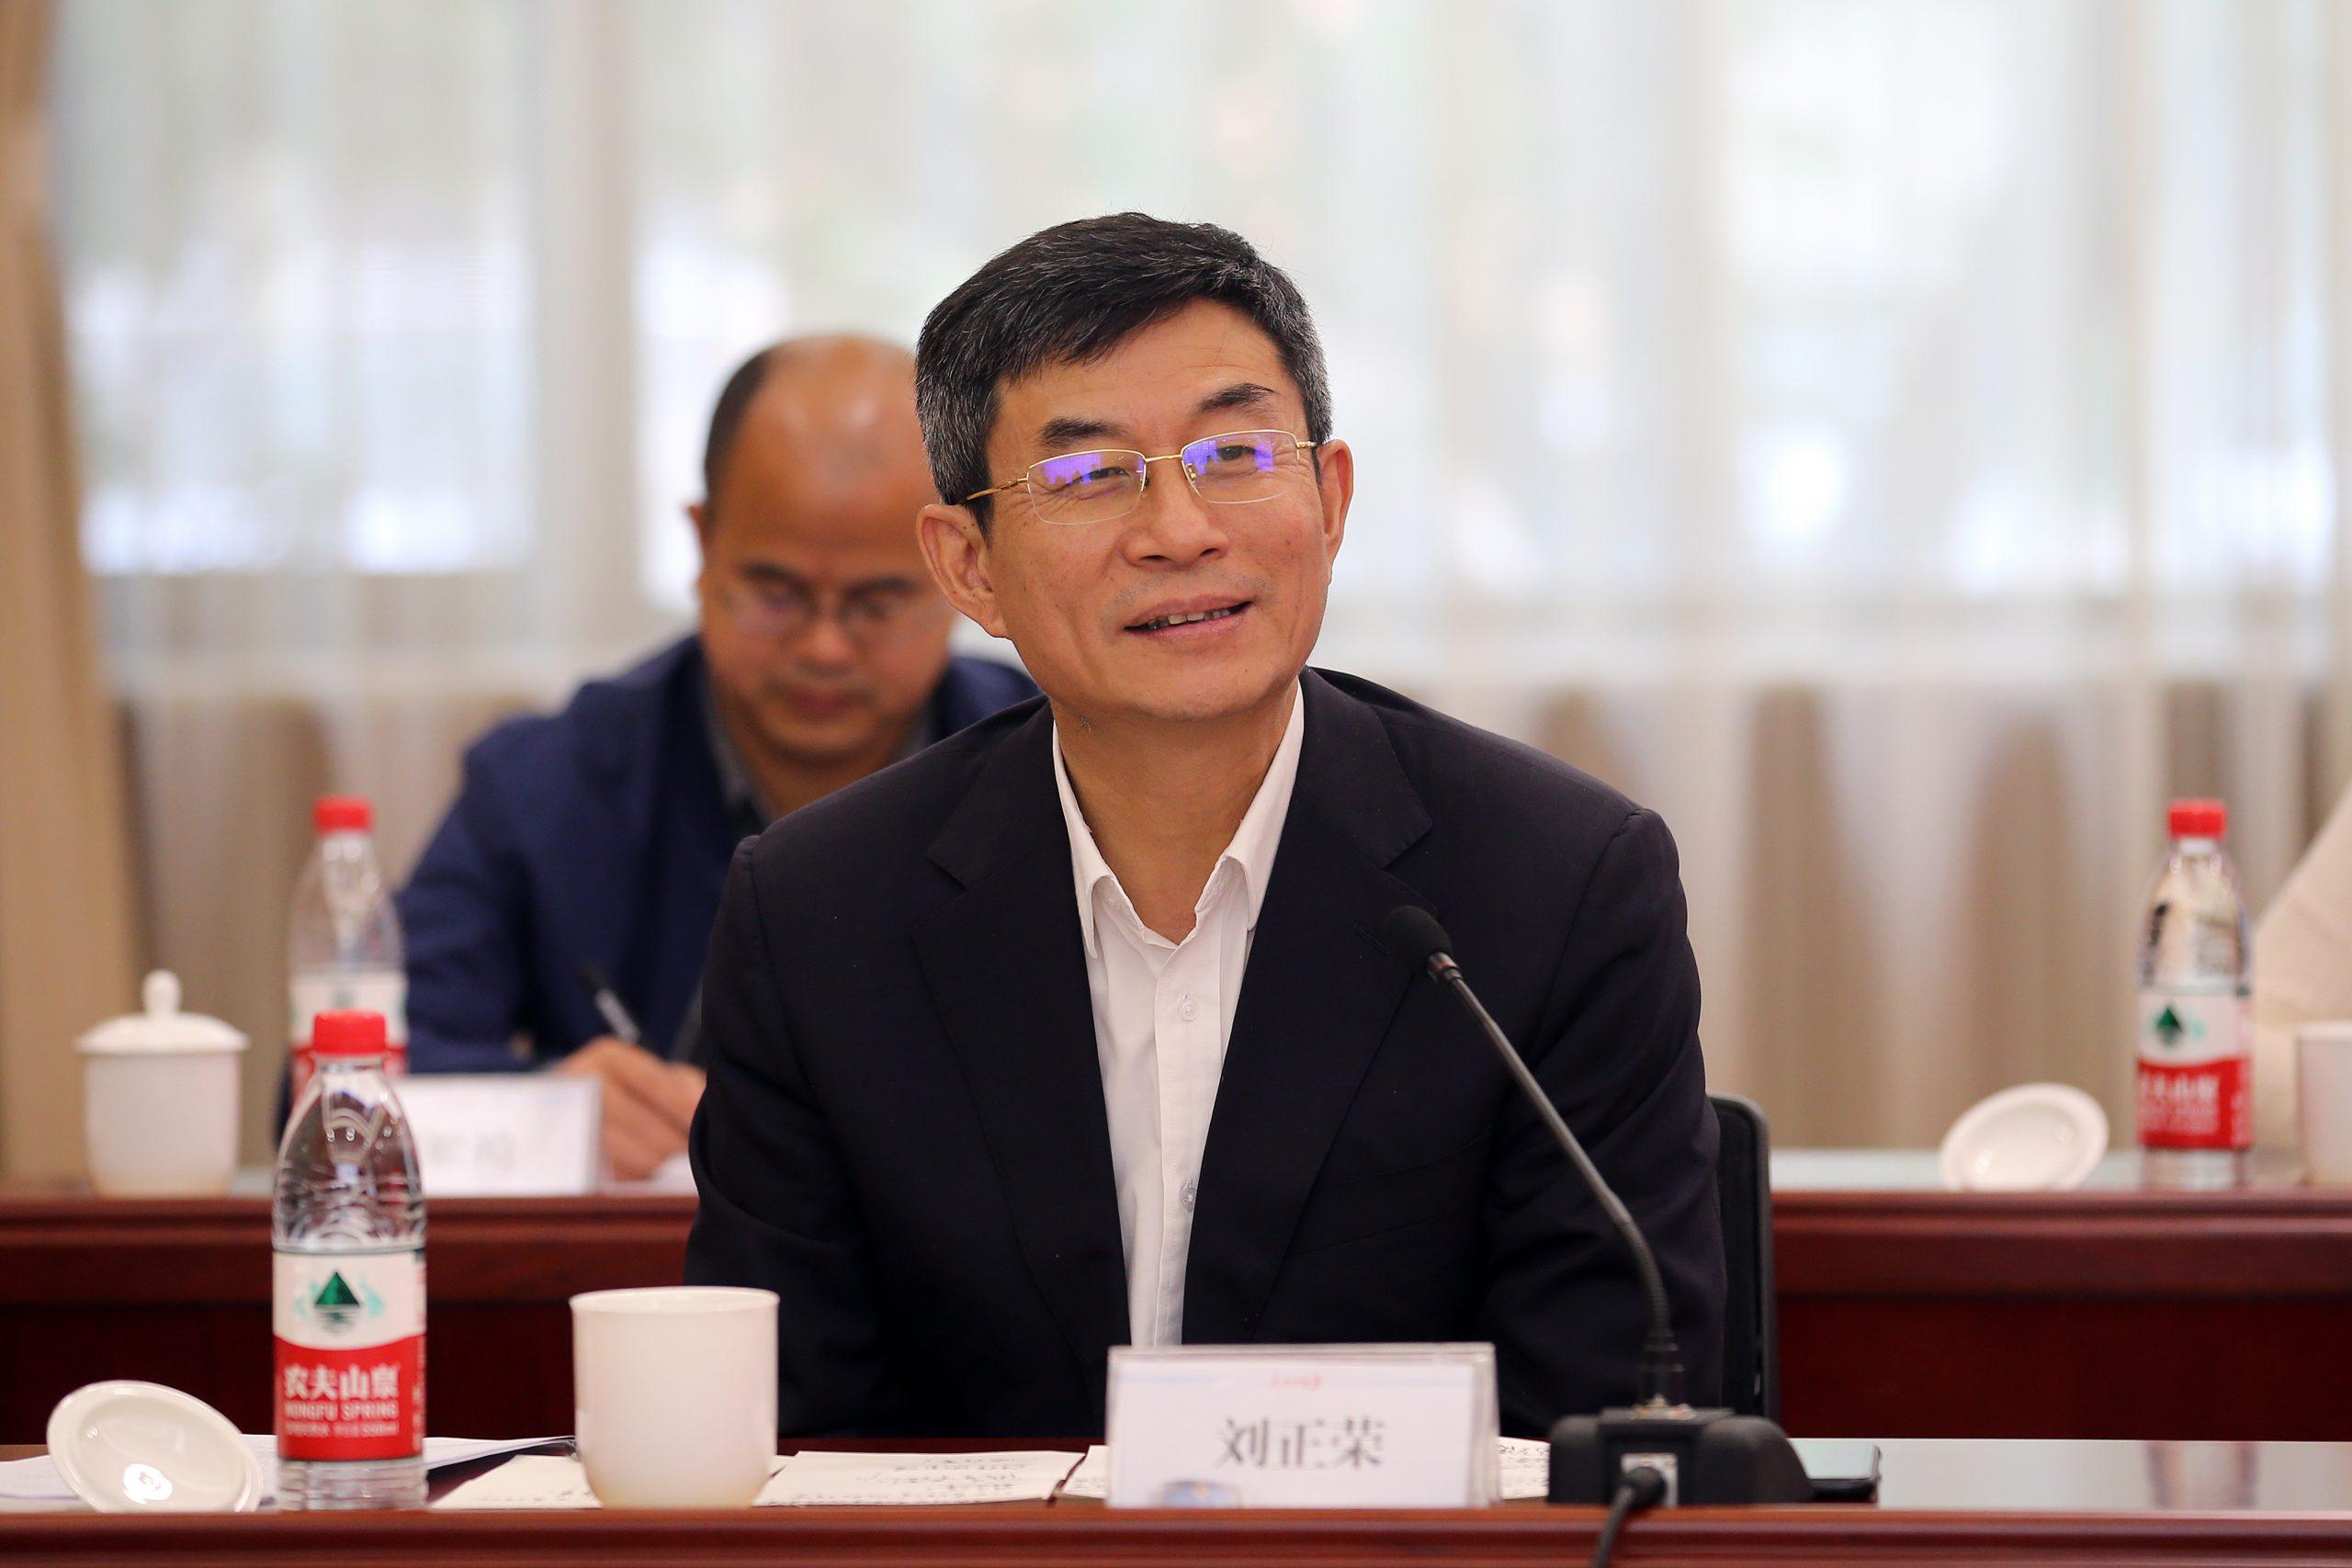 刘正荣书记 出席中国行业报协会交流座谈会并调研人民公安报社